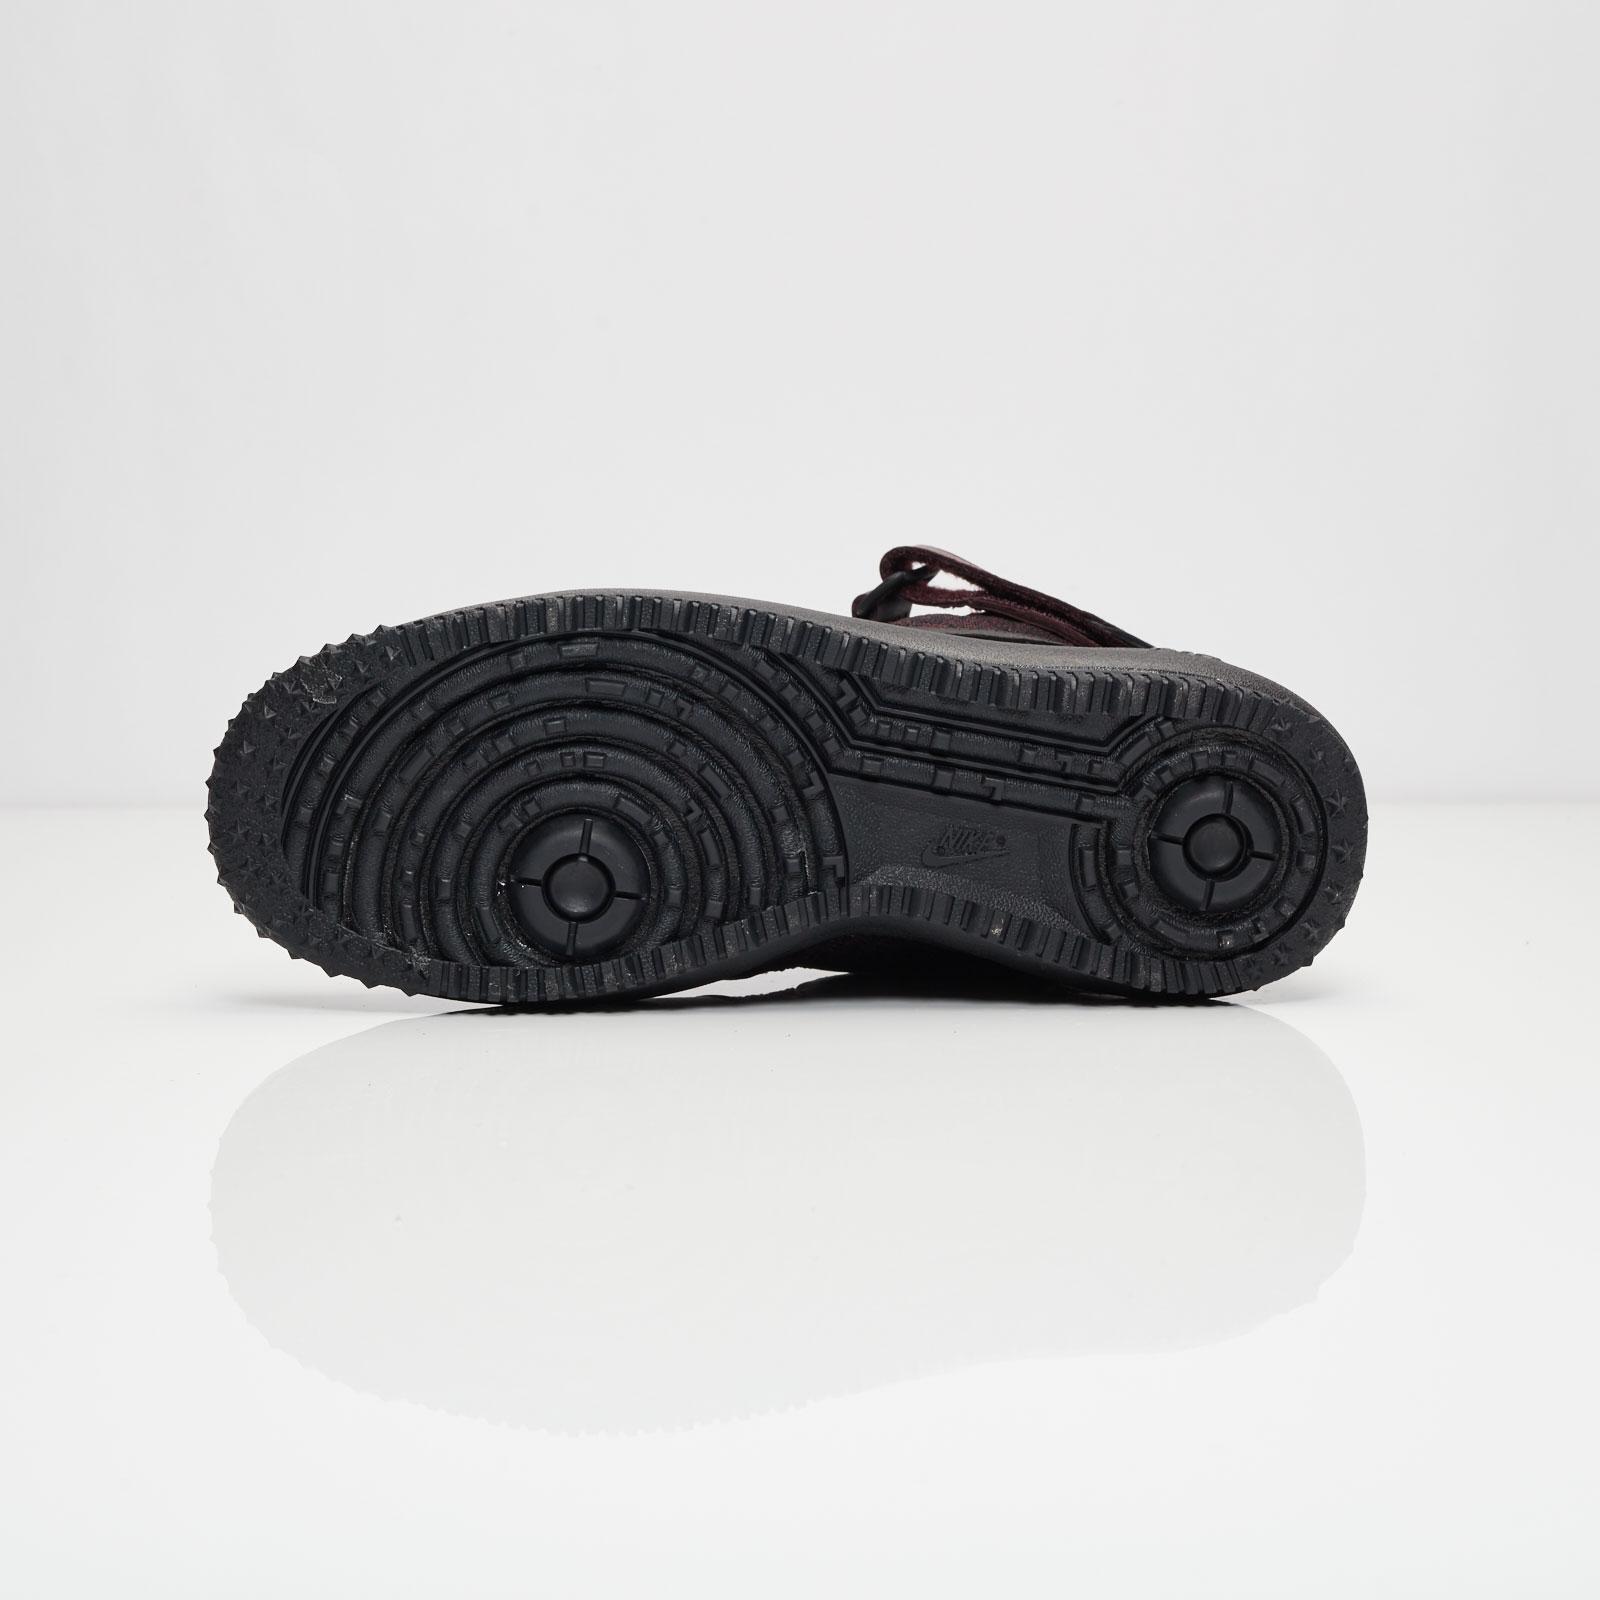 quality design 62085 68555 Nike Lunar Force 1 Flyknit Workboot - 855984-600 - Sneakersnstuff    sneakers   streetwear online since 1999